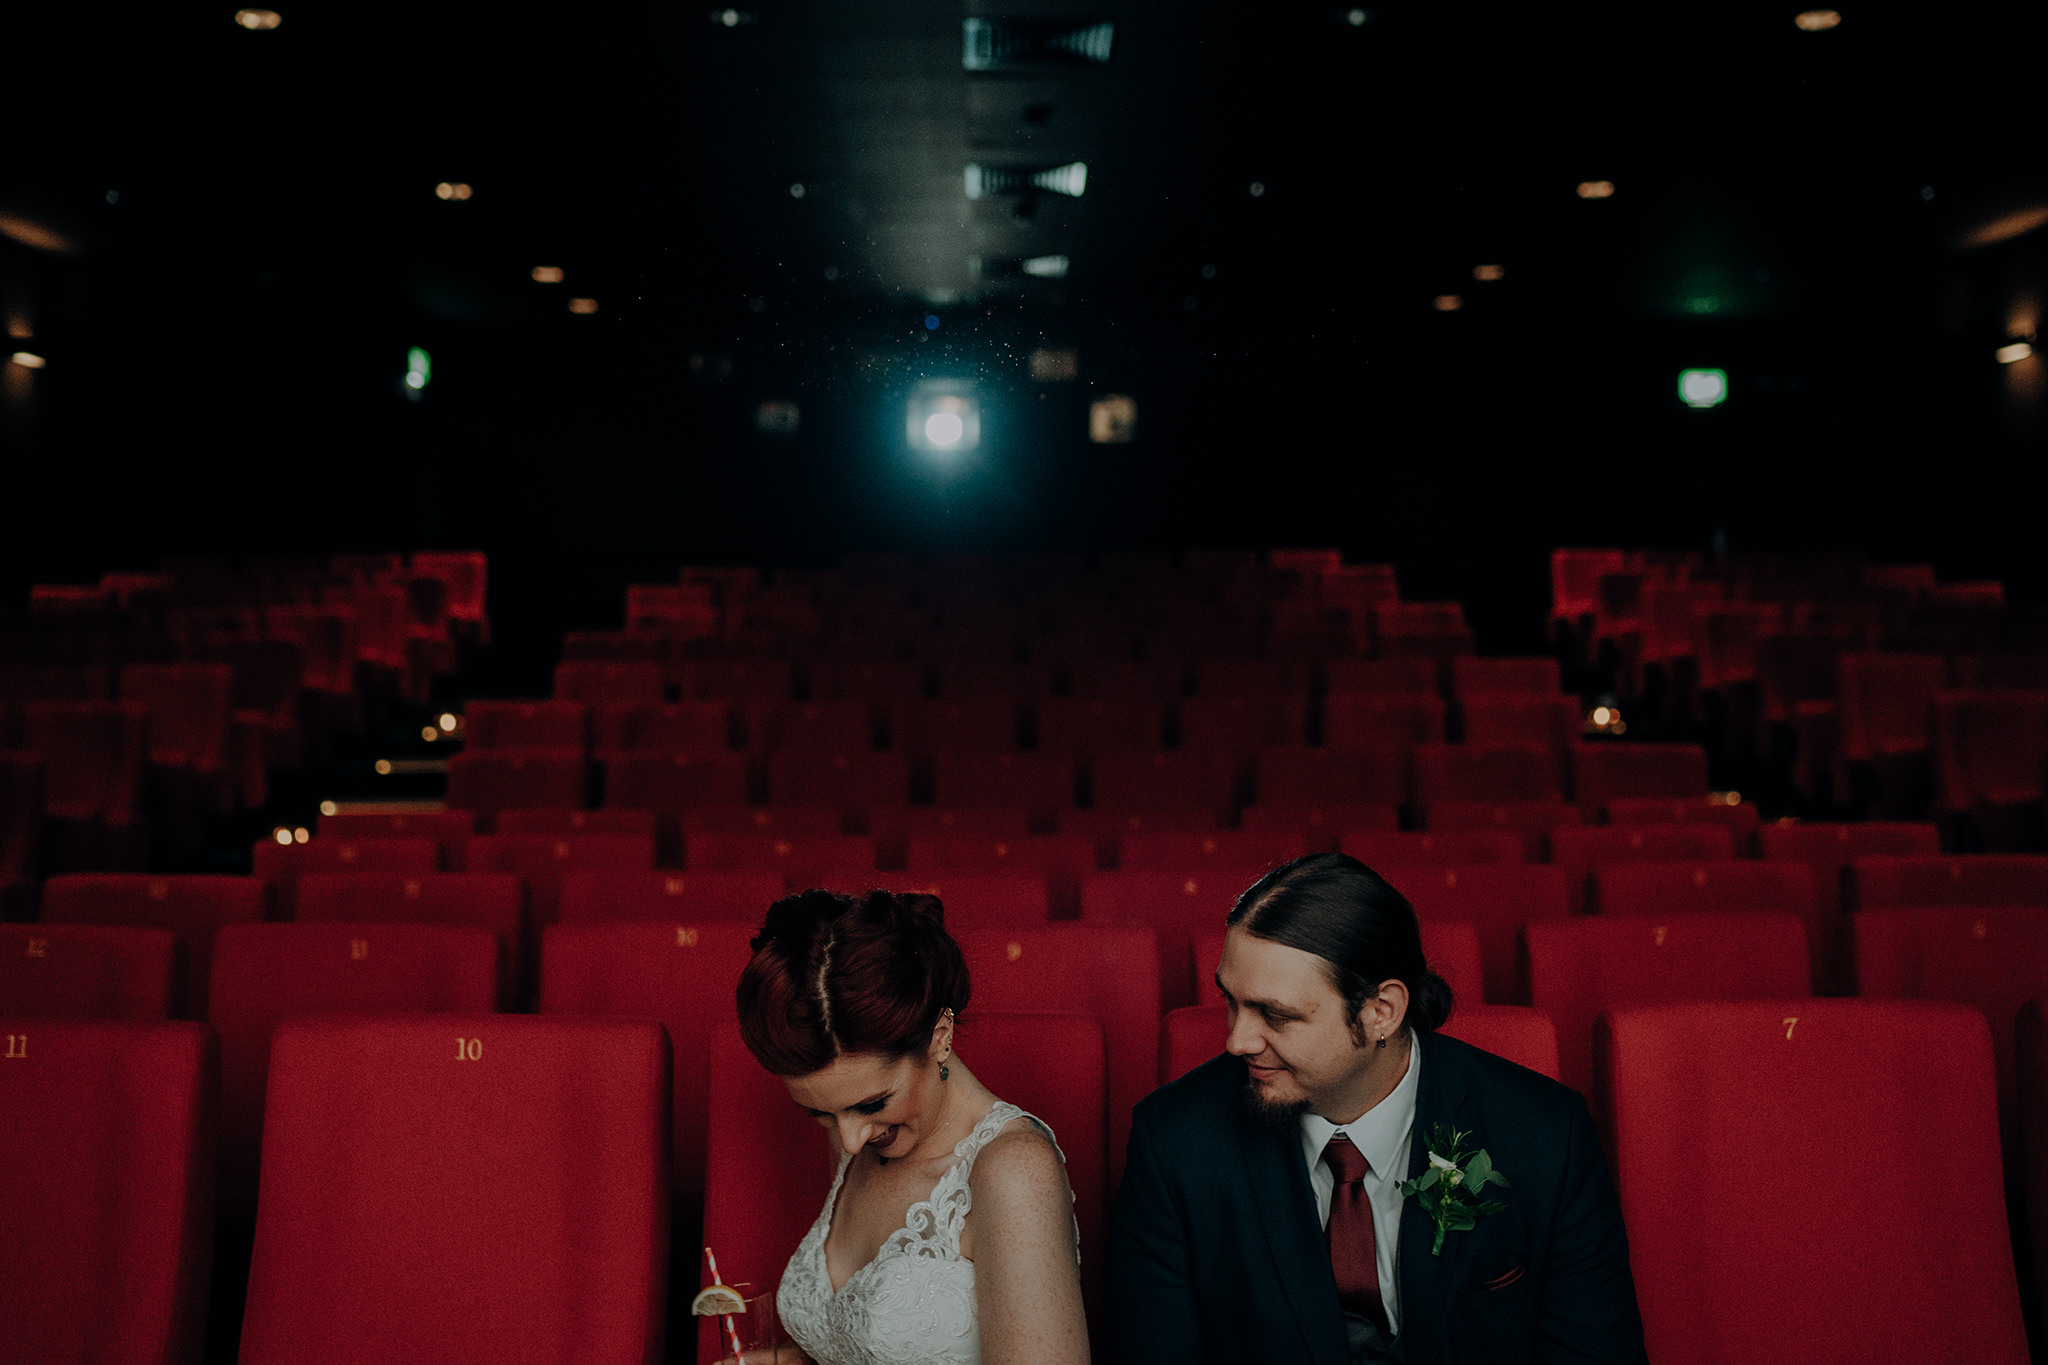 QUEENS FILM THEATRE - BELFAST